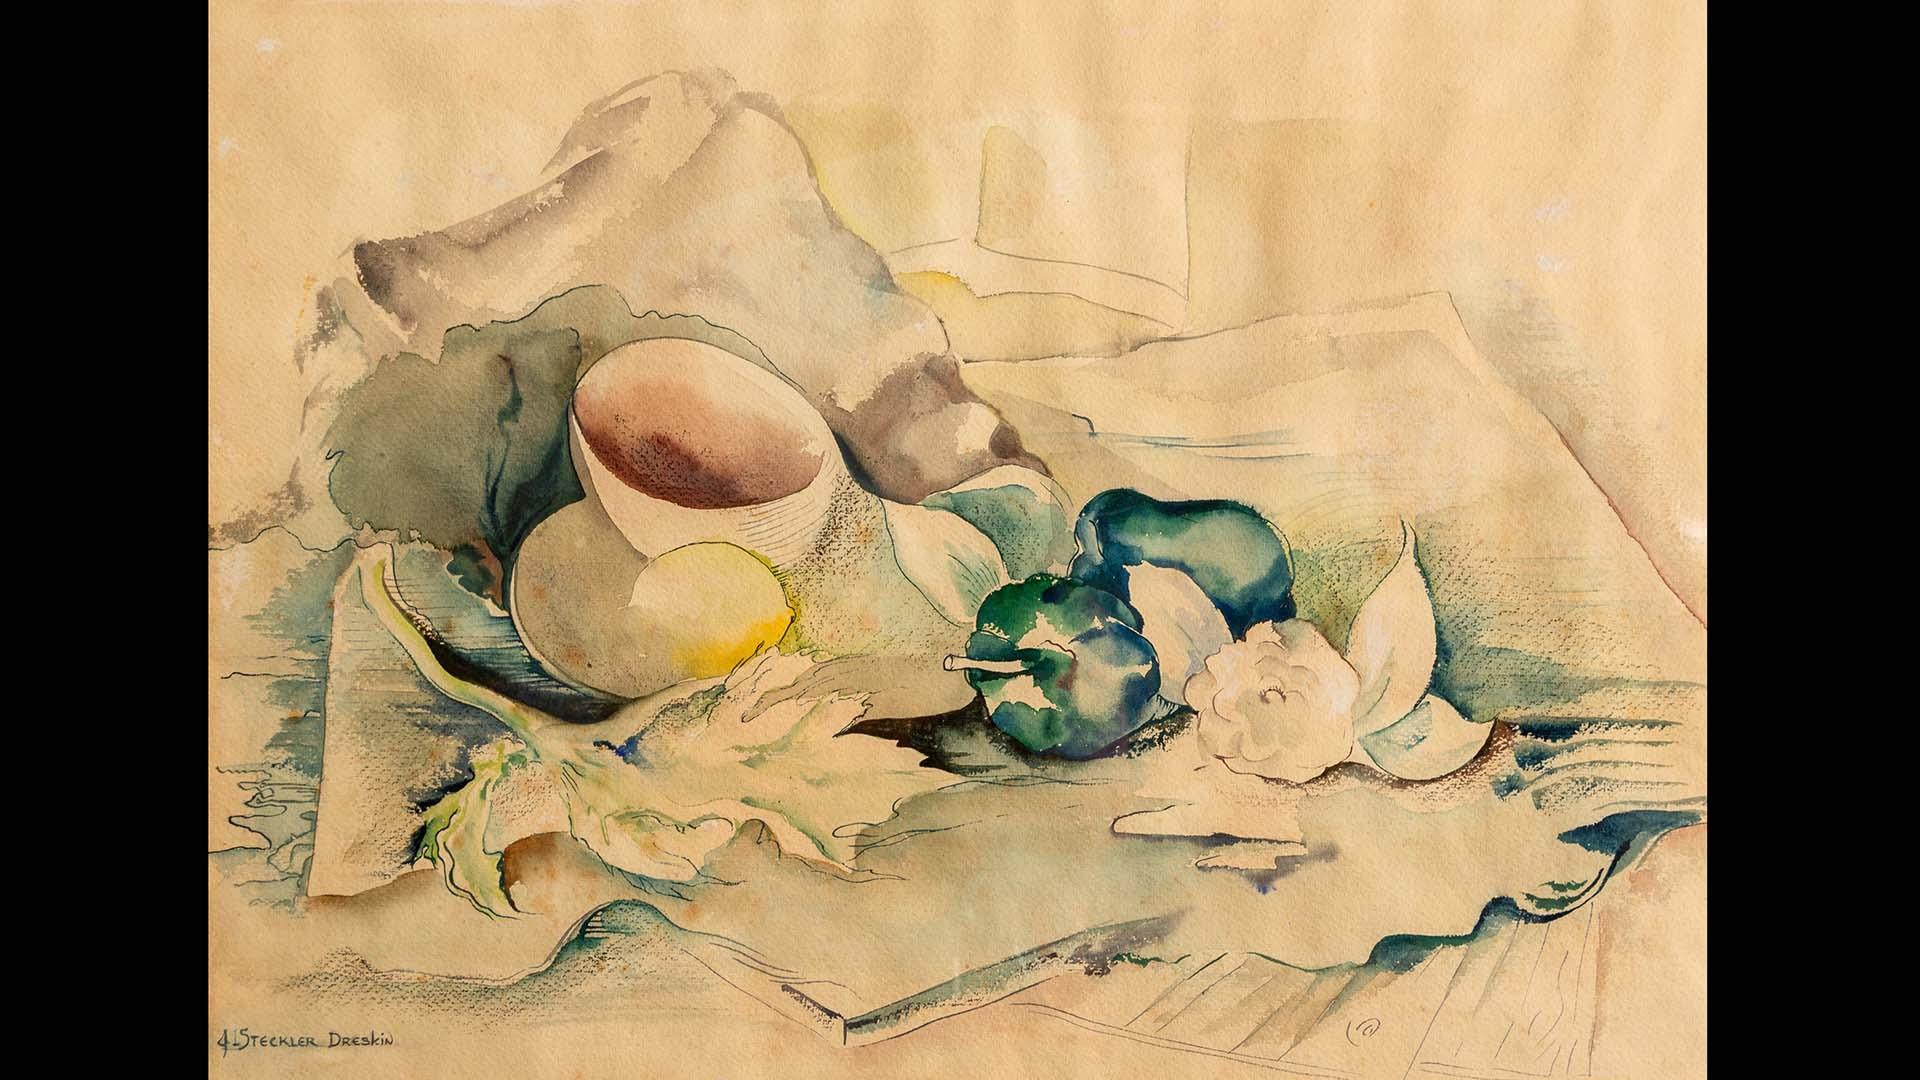 Jeanet Dreskin art